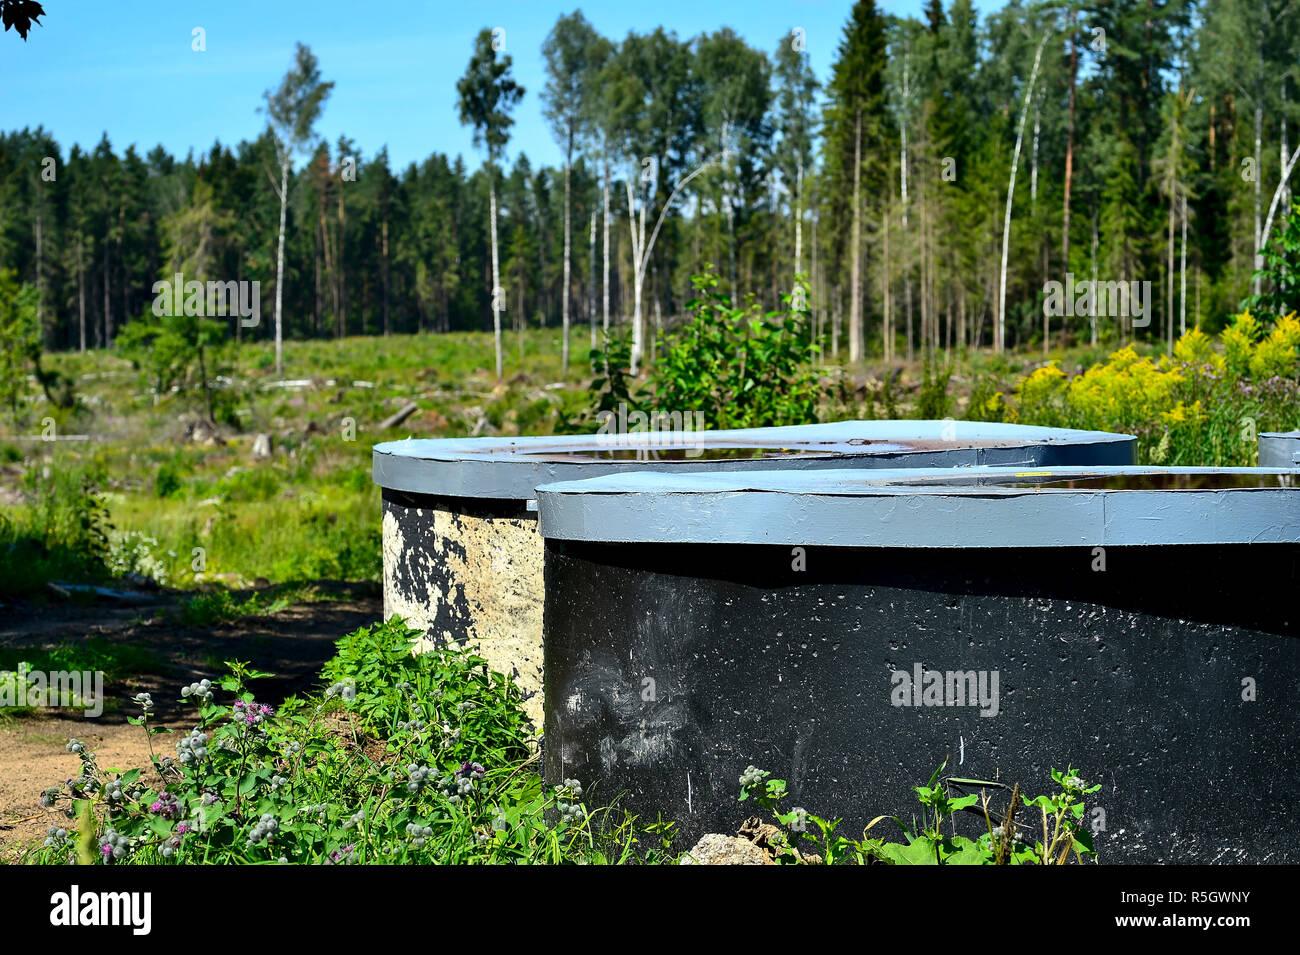 Les conteneurs dépassant du sol sur un fond d'arbres. Photo Stock